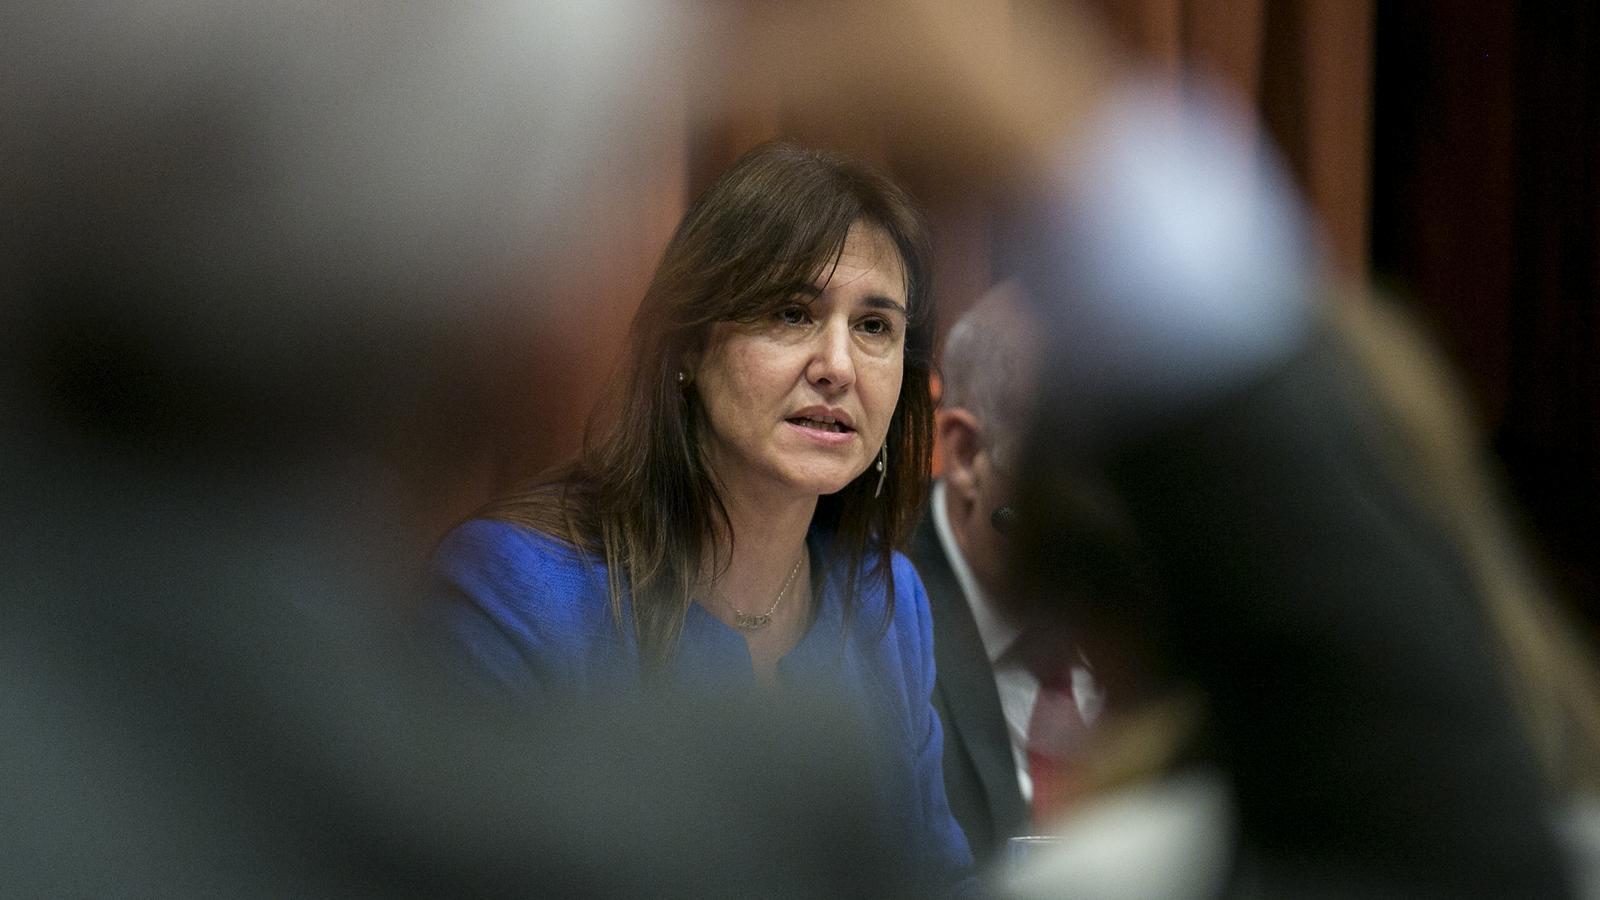 La consellera de cultura Laura Borras a la comissio de cultura del Parlament